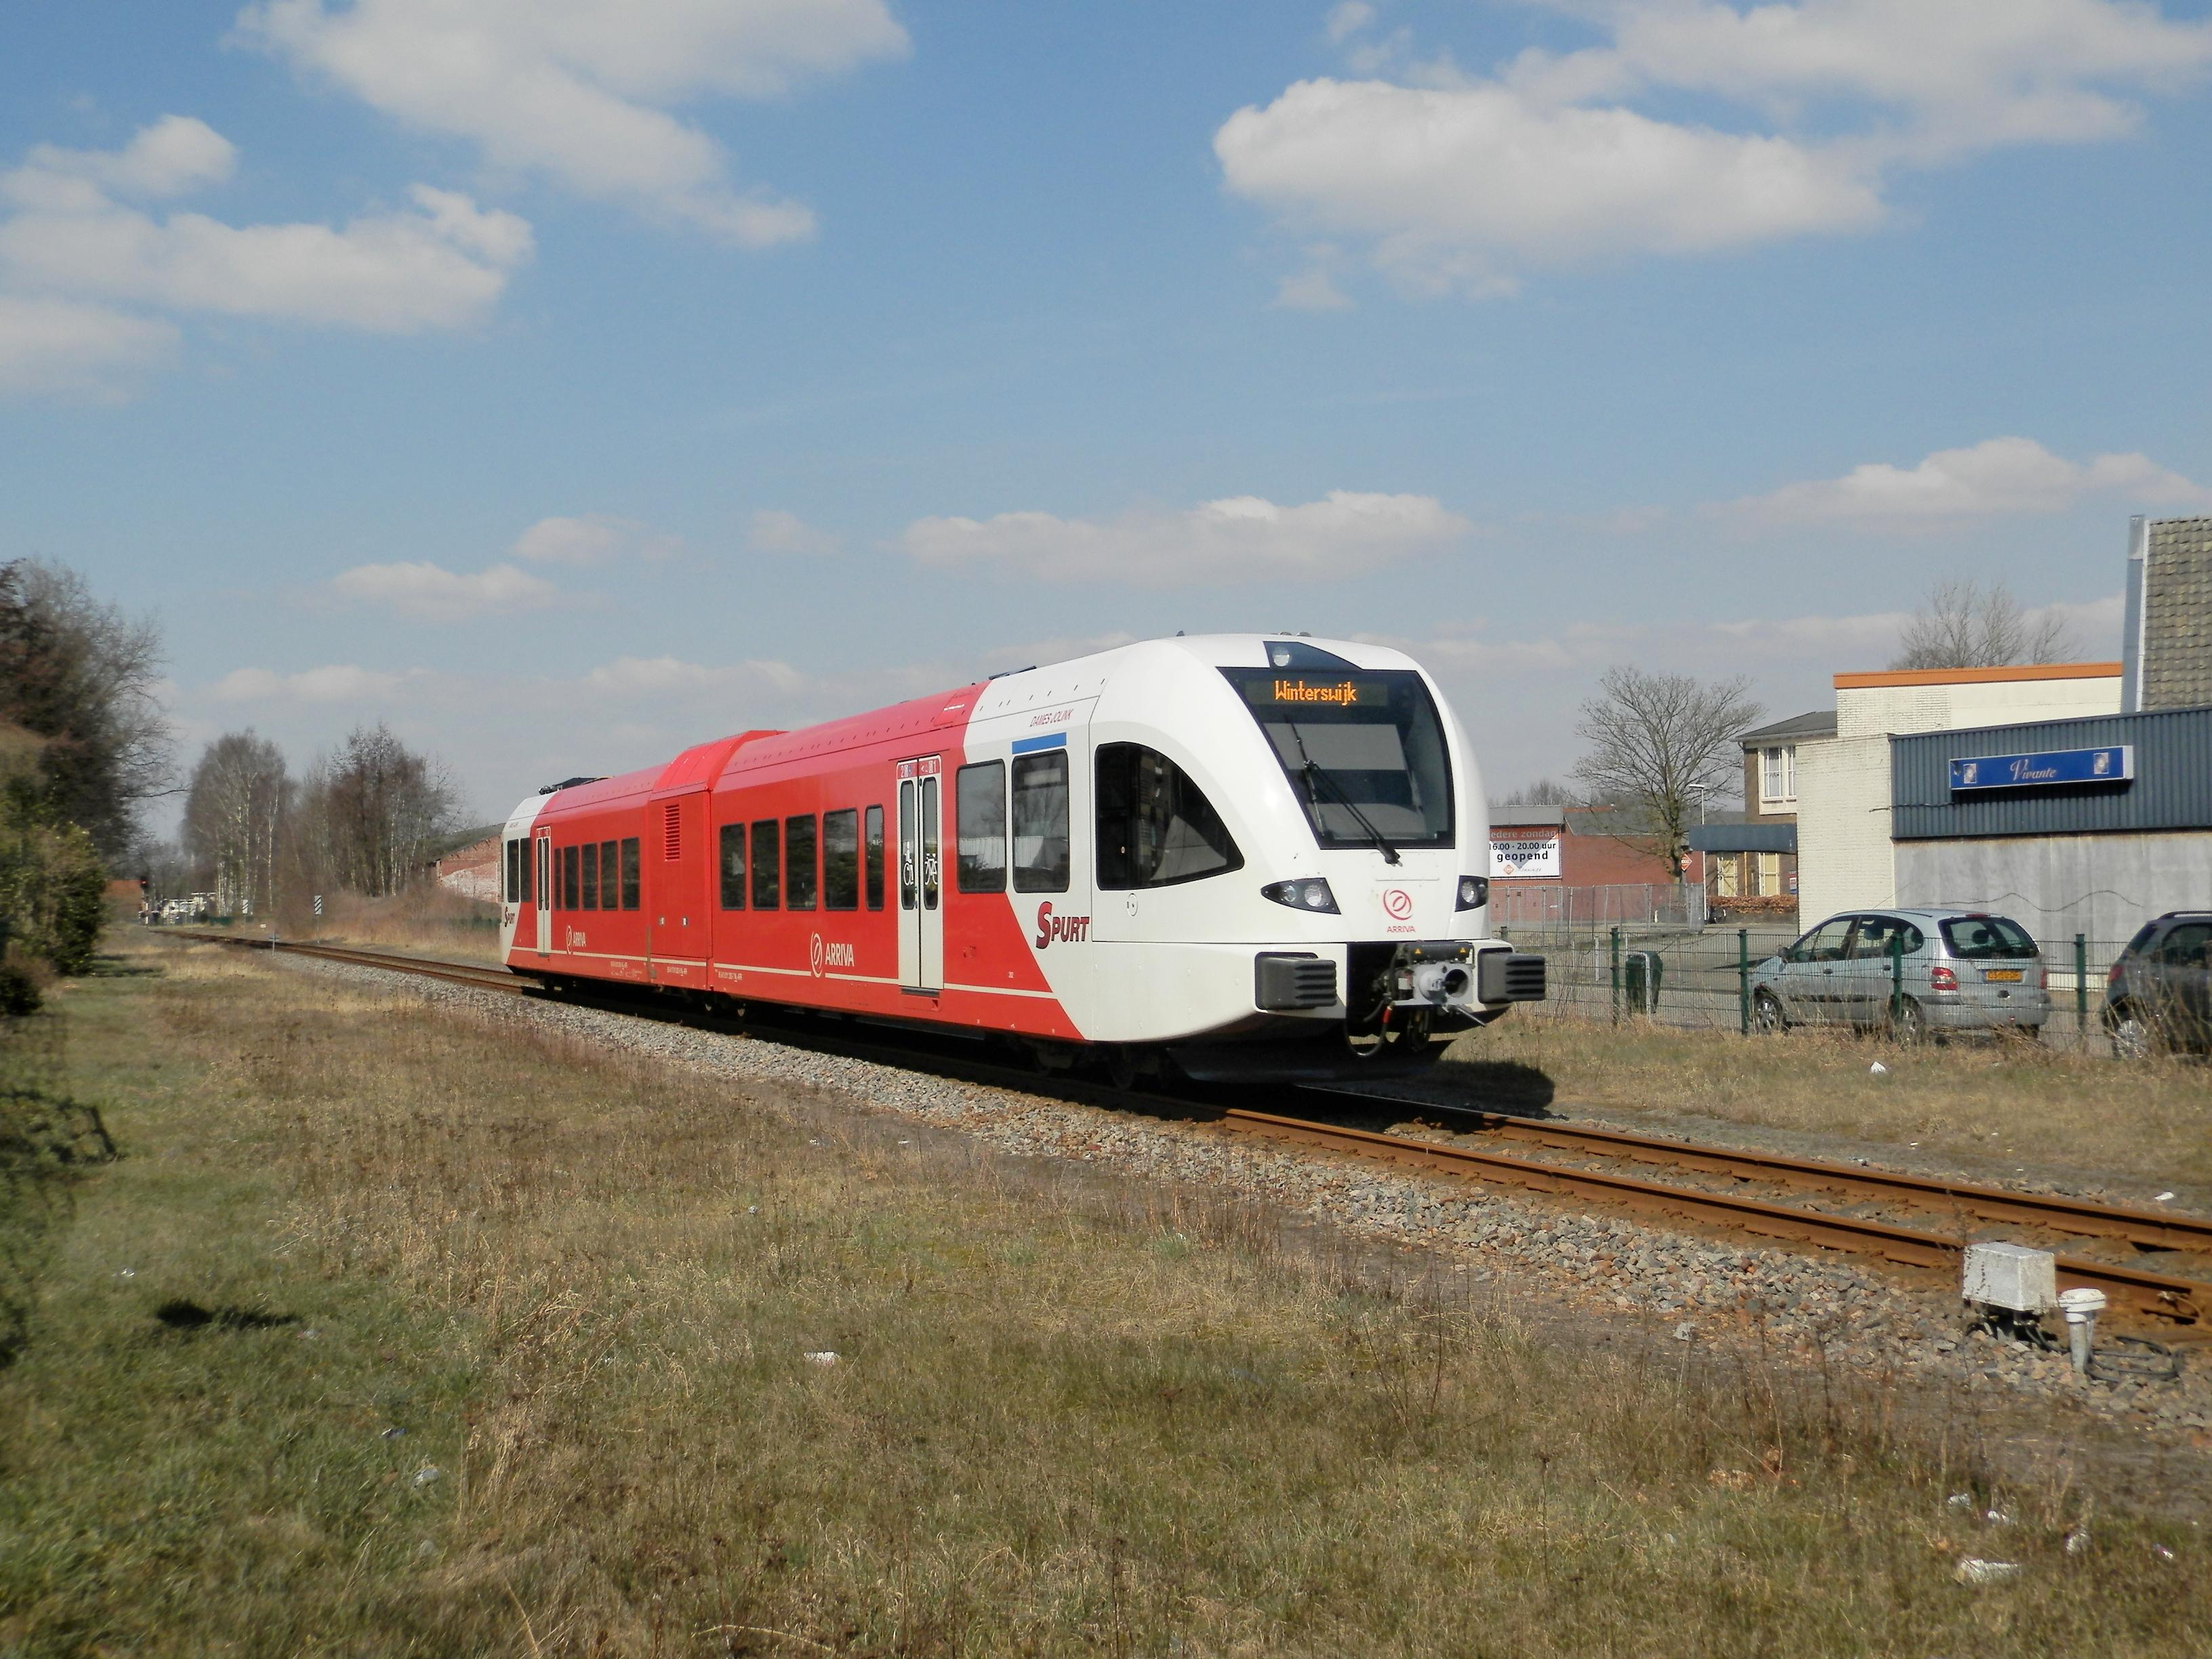 Arriva, spoorlijn, Winterswijk